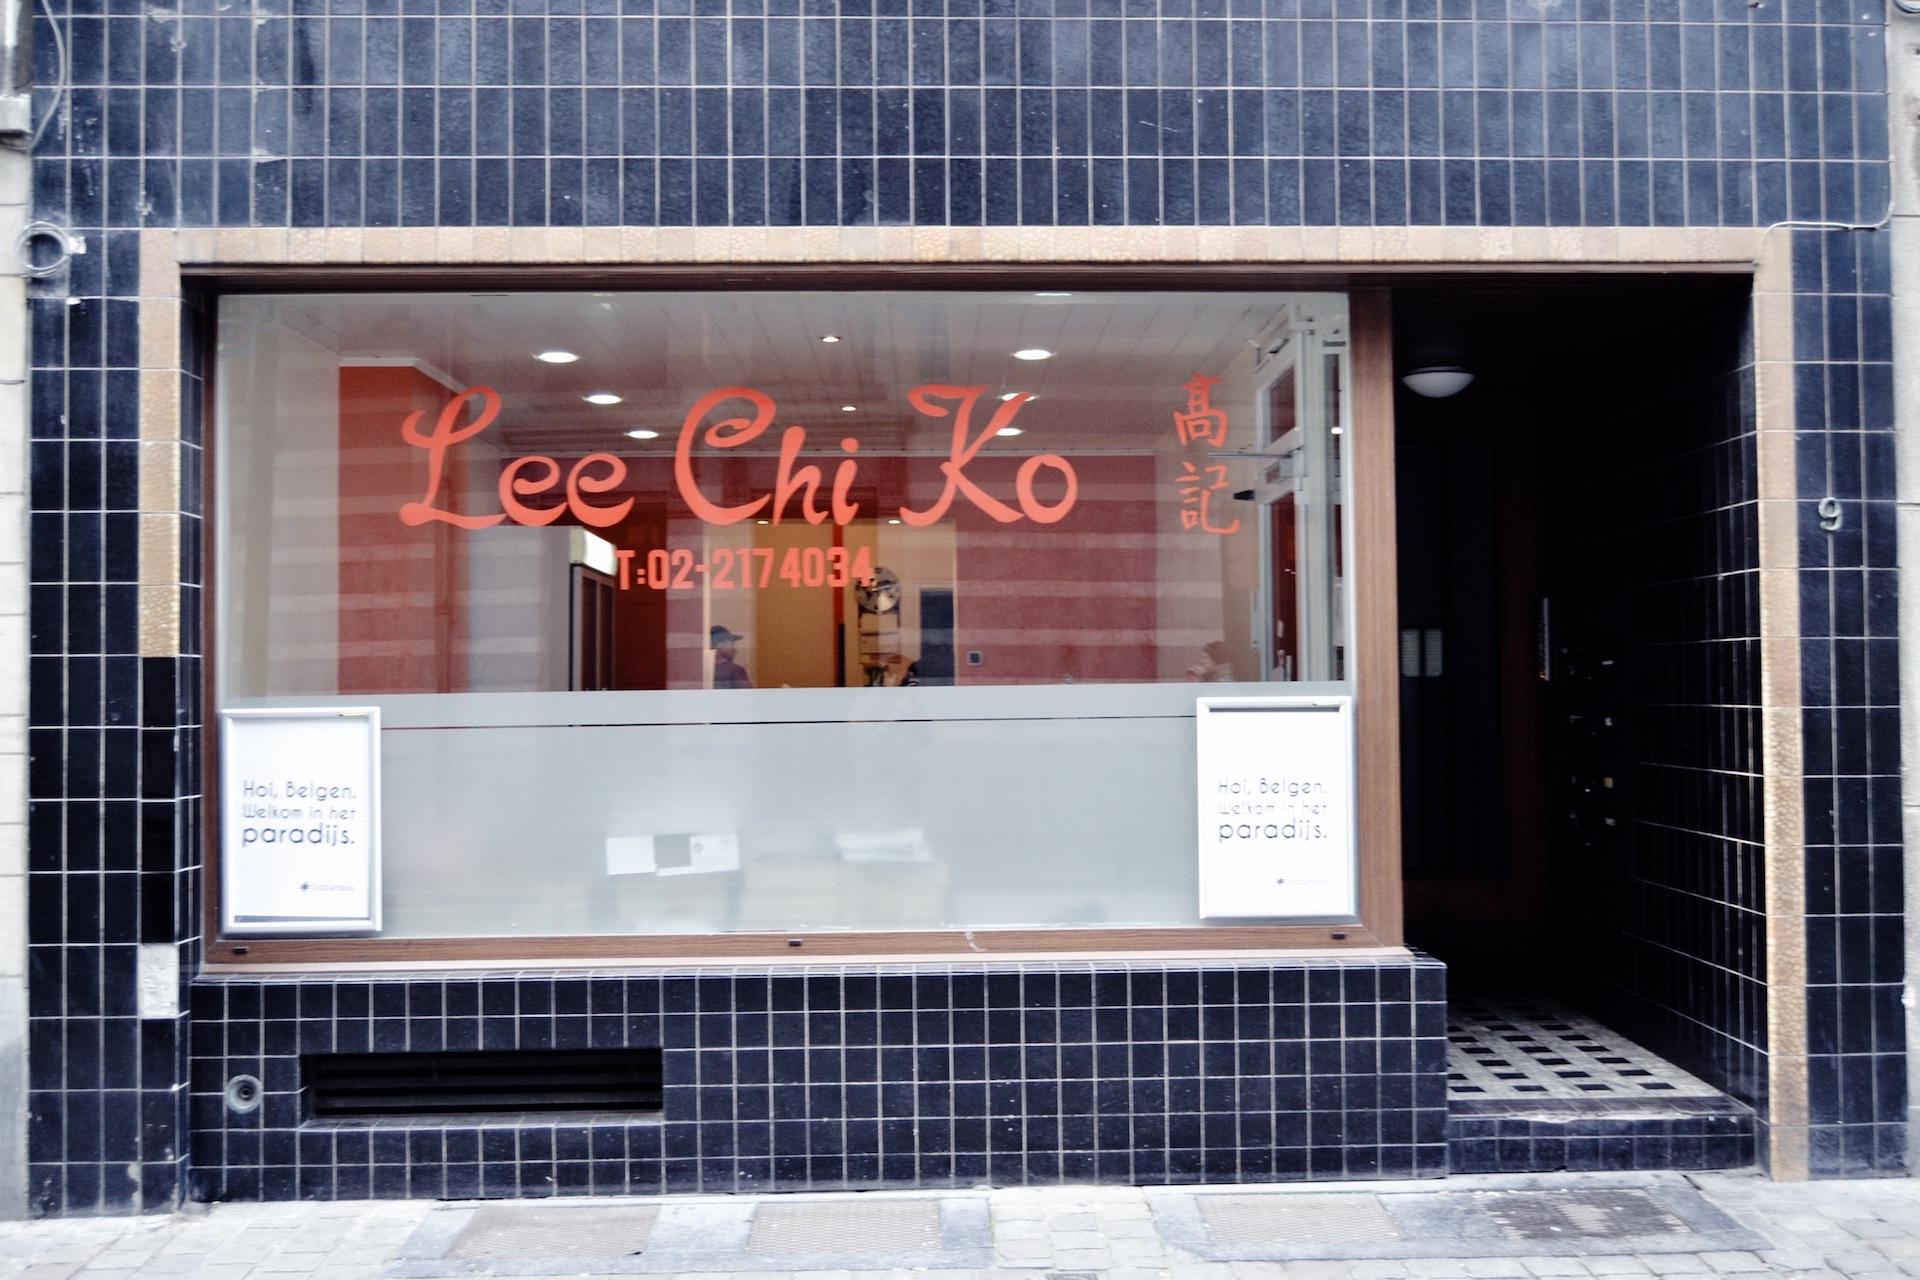 Lee-Che-Ko_0017_cb